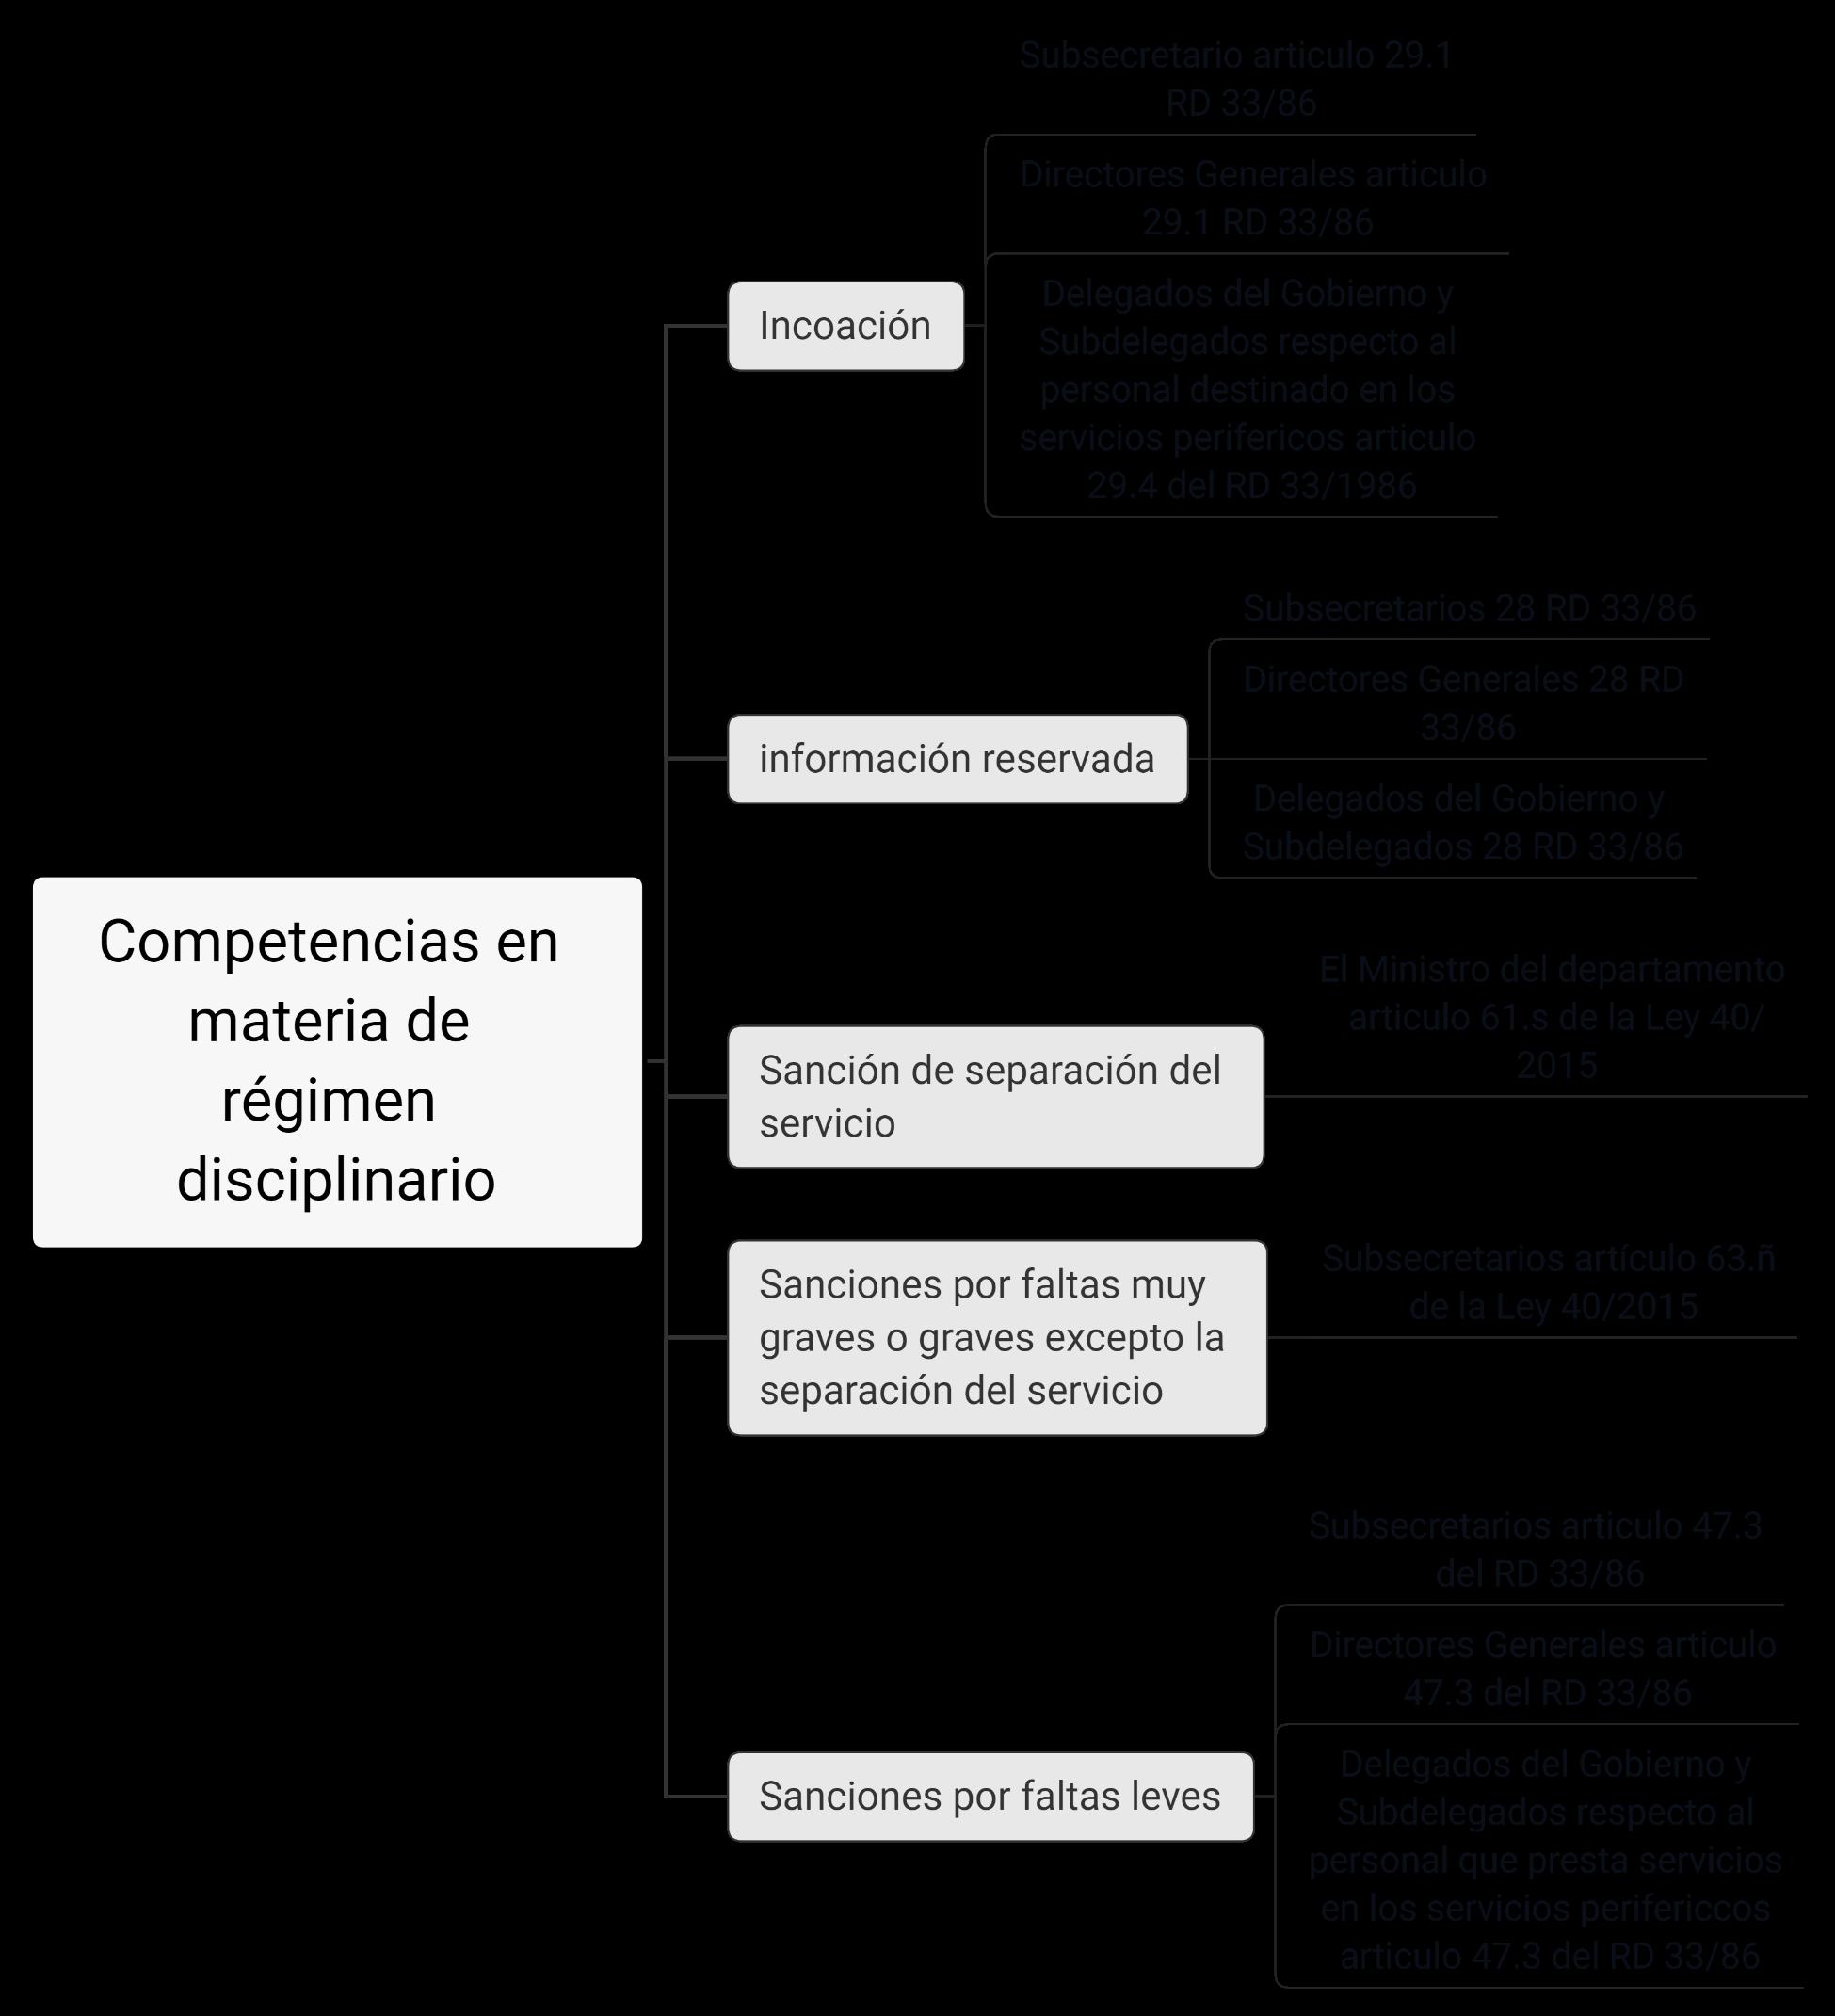 esquemas de funcion publica para las oposiciones a ayudante de instituciones penitenciarias